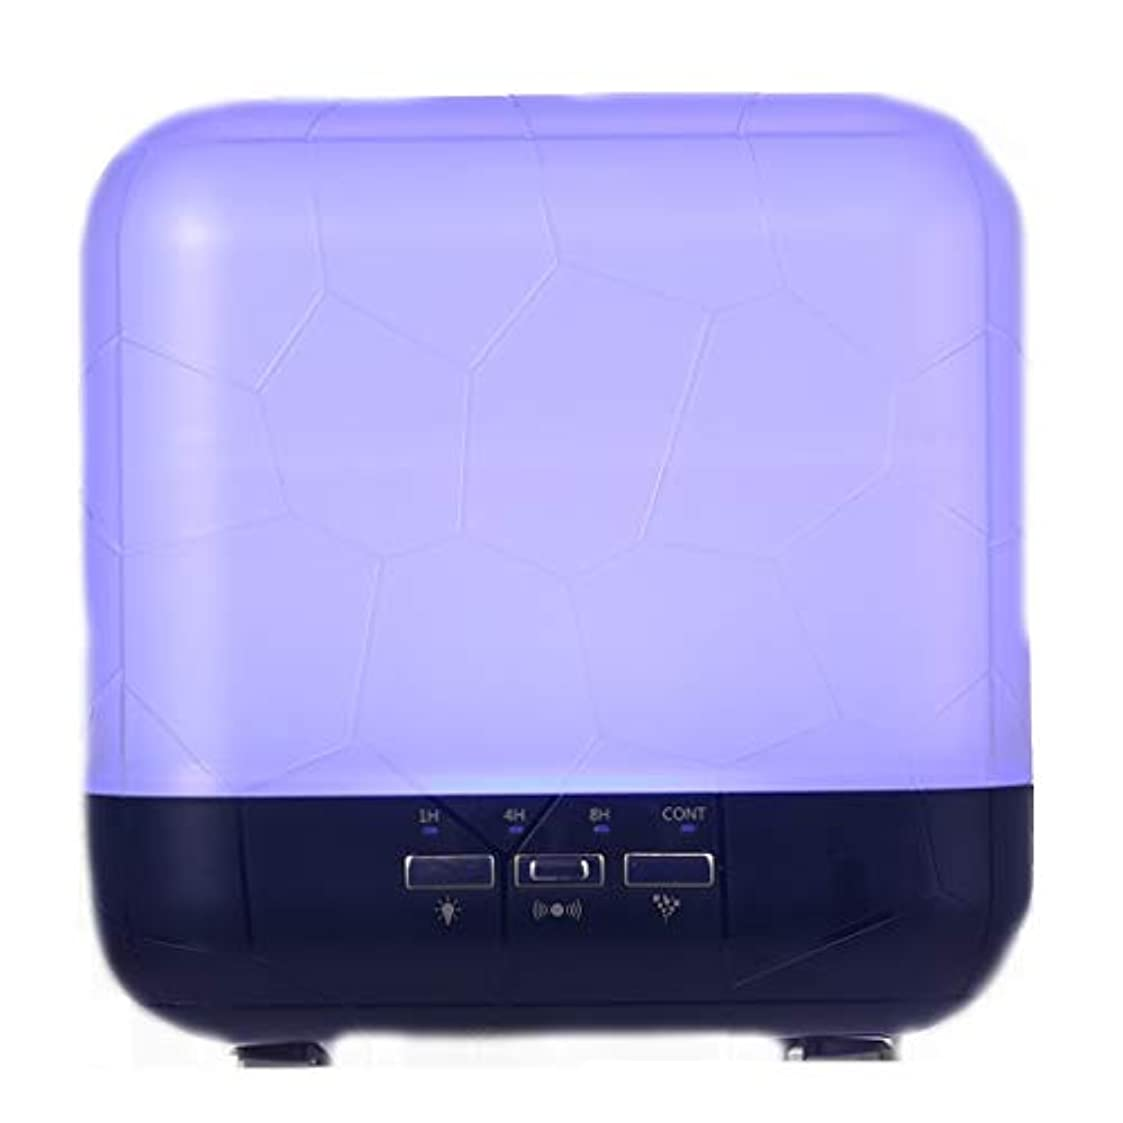 野生分離もの拡散器、調節可能なミストモード、寝室/オフィス/旅行のためのアロマセラピー機械を離れた自動のHomeweeks 1000ml多彩な精油の拡散器 (Color : Purple)